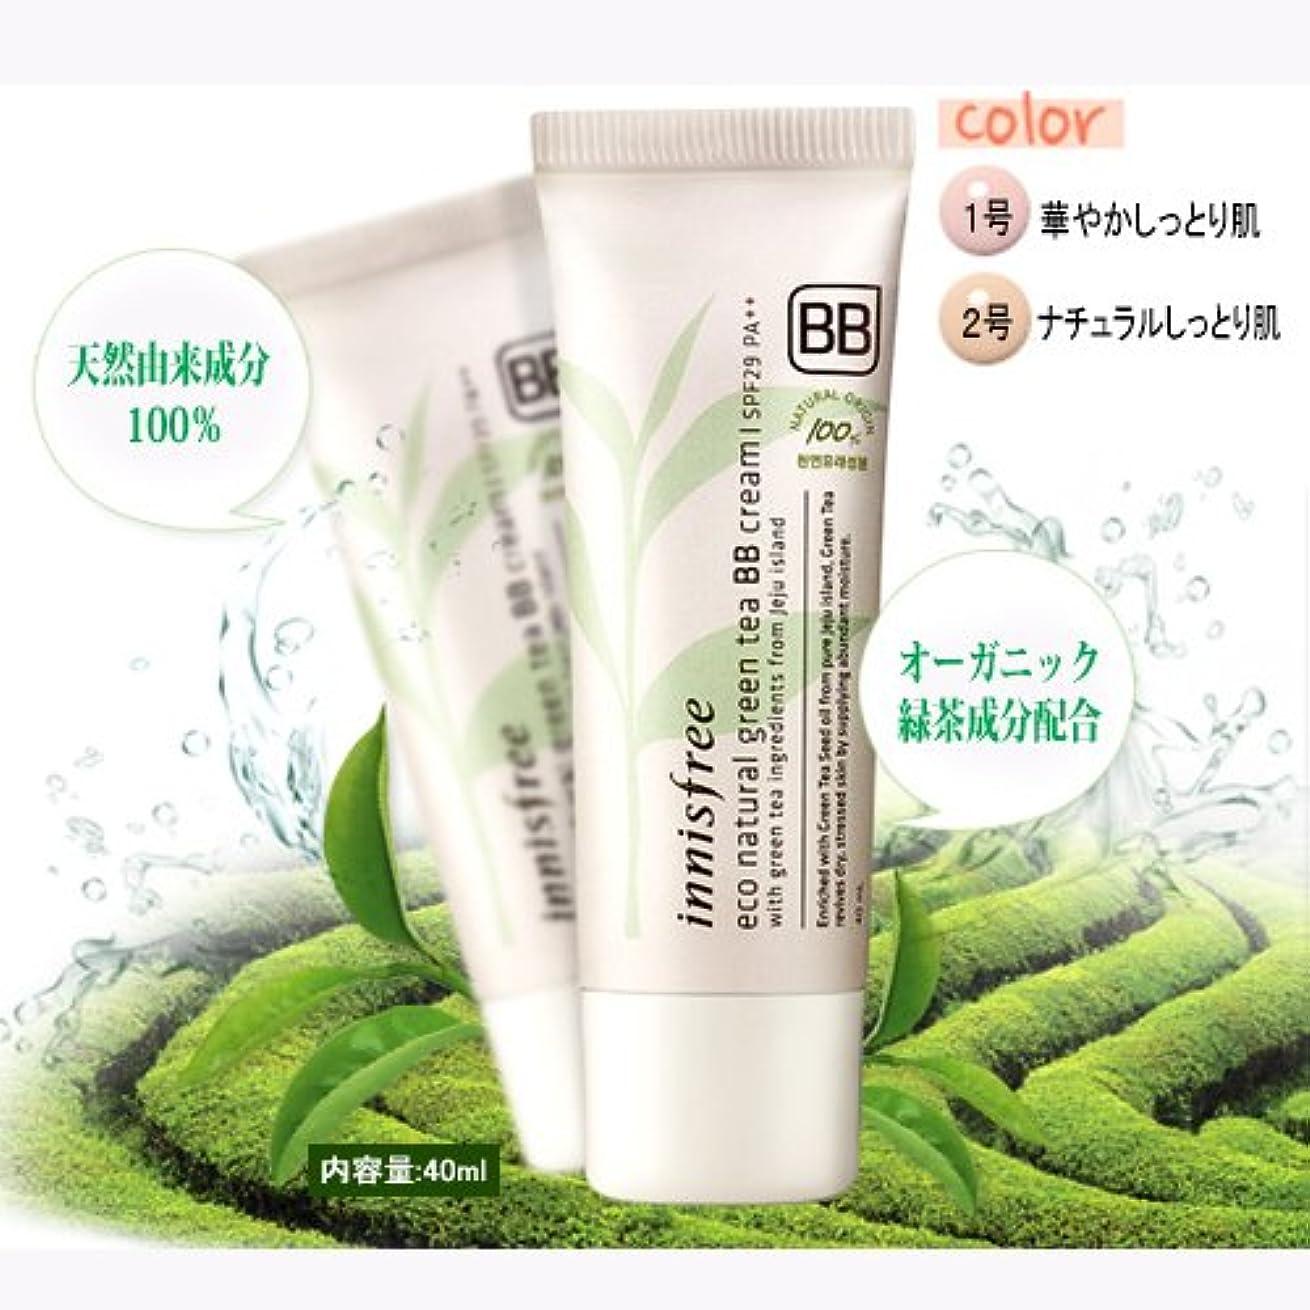 アシスト湖差別するinnisfree/イニスフリー Eco Natural Green Tea BB Cream #01 /エコナチュラルグリーンティーBBクリーム 華やかなしっとり肌 SPF29PA++40ml